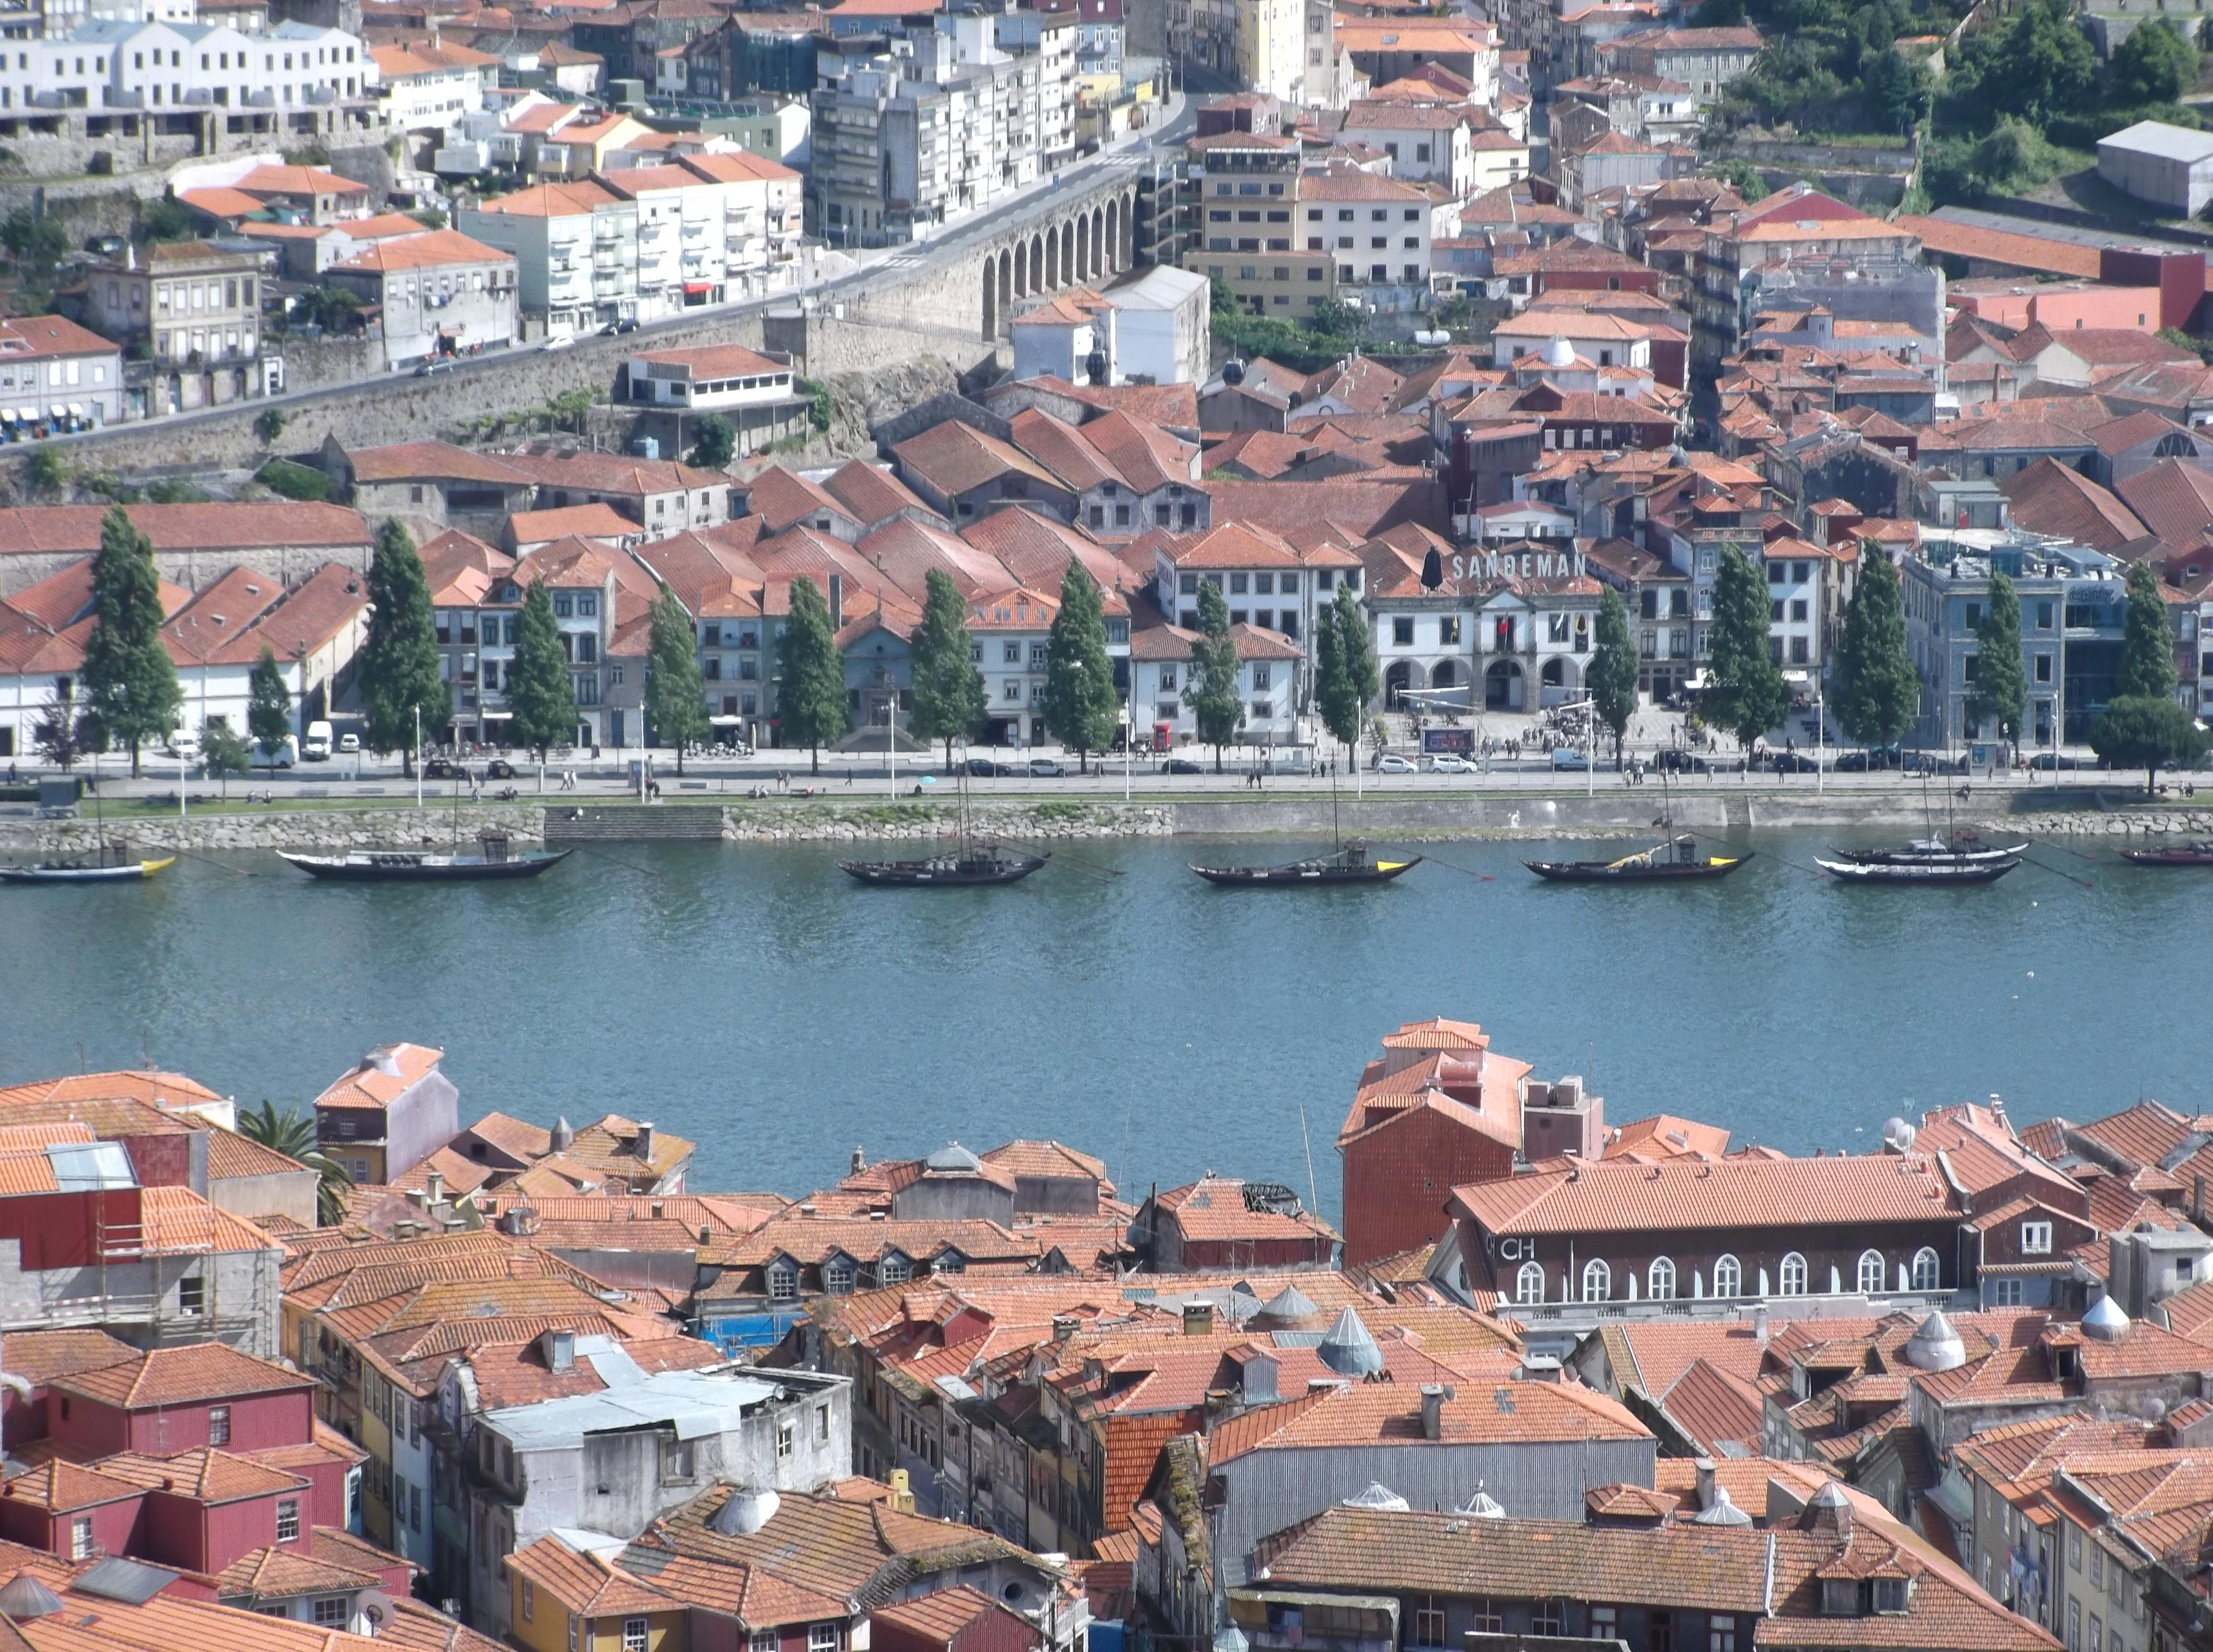 Vue sur le Douro et caves de la Vila Nova de Gaia